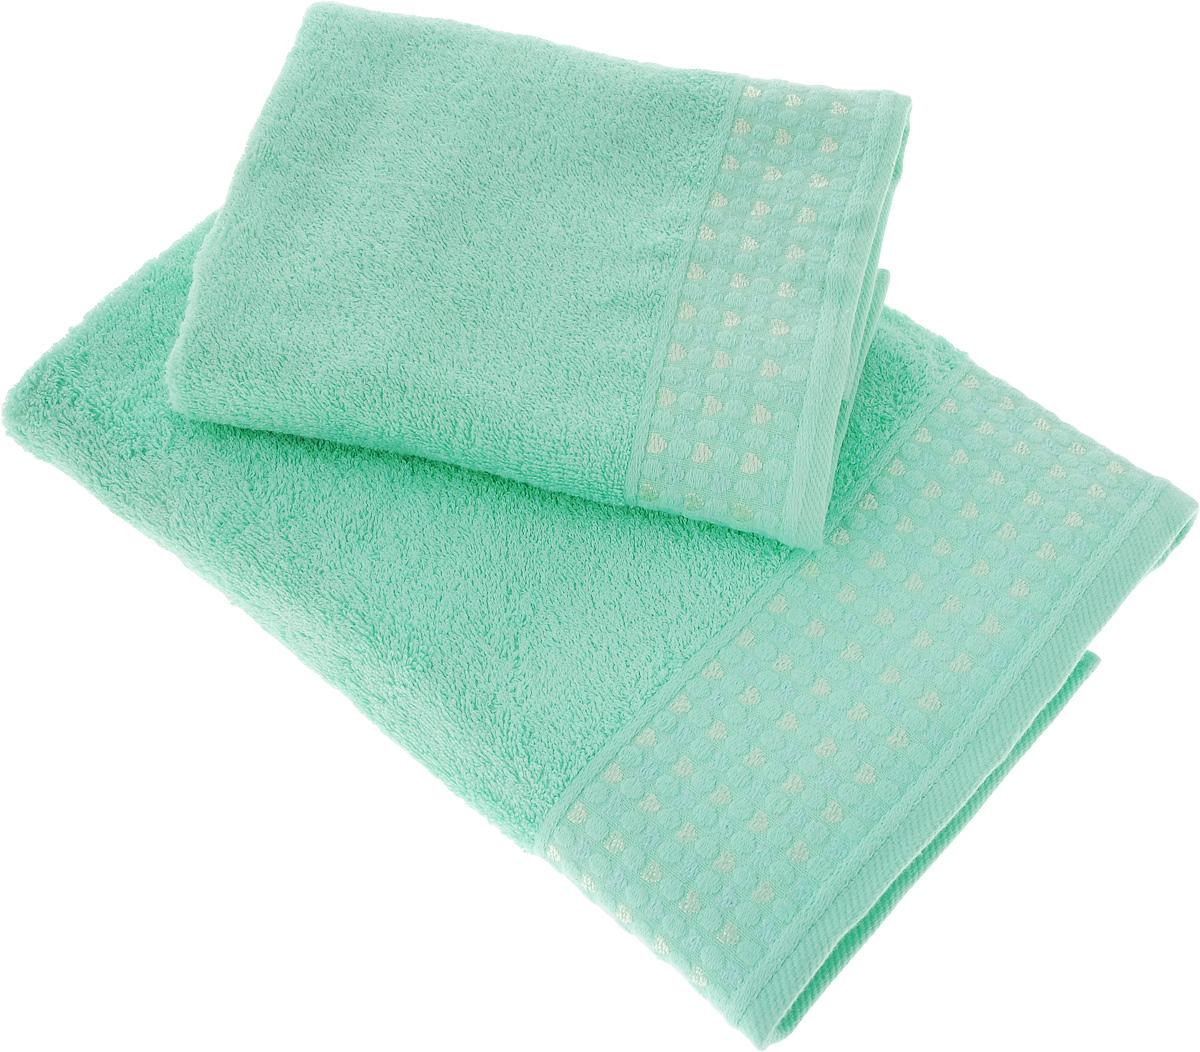 Набор полотенец Tete-a-Tete Сердечки, цвет: бирюзовый, 2 шт. УНП-104C0042416Набор Tete-a-Tete Сердечки состоит из двух махровых полотенец, выполненных из натурального 100% хлопка. Бордюр полотенец декорирован сердечками и горошком. Изделия мягкие, отлично впитывают влагу, быстро сохнут, сохраняют яркость цвета и не теряют форму даже после многократных стирок. Полотенца Tete-a-Tete Сердечки очень практичны и неприхотливы в уходе. Они легко впишутся в любой интерьер благодаря своей нежной цветовой гамме.